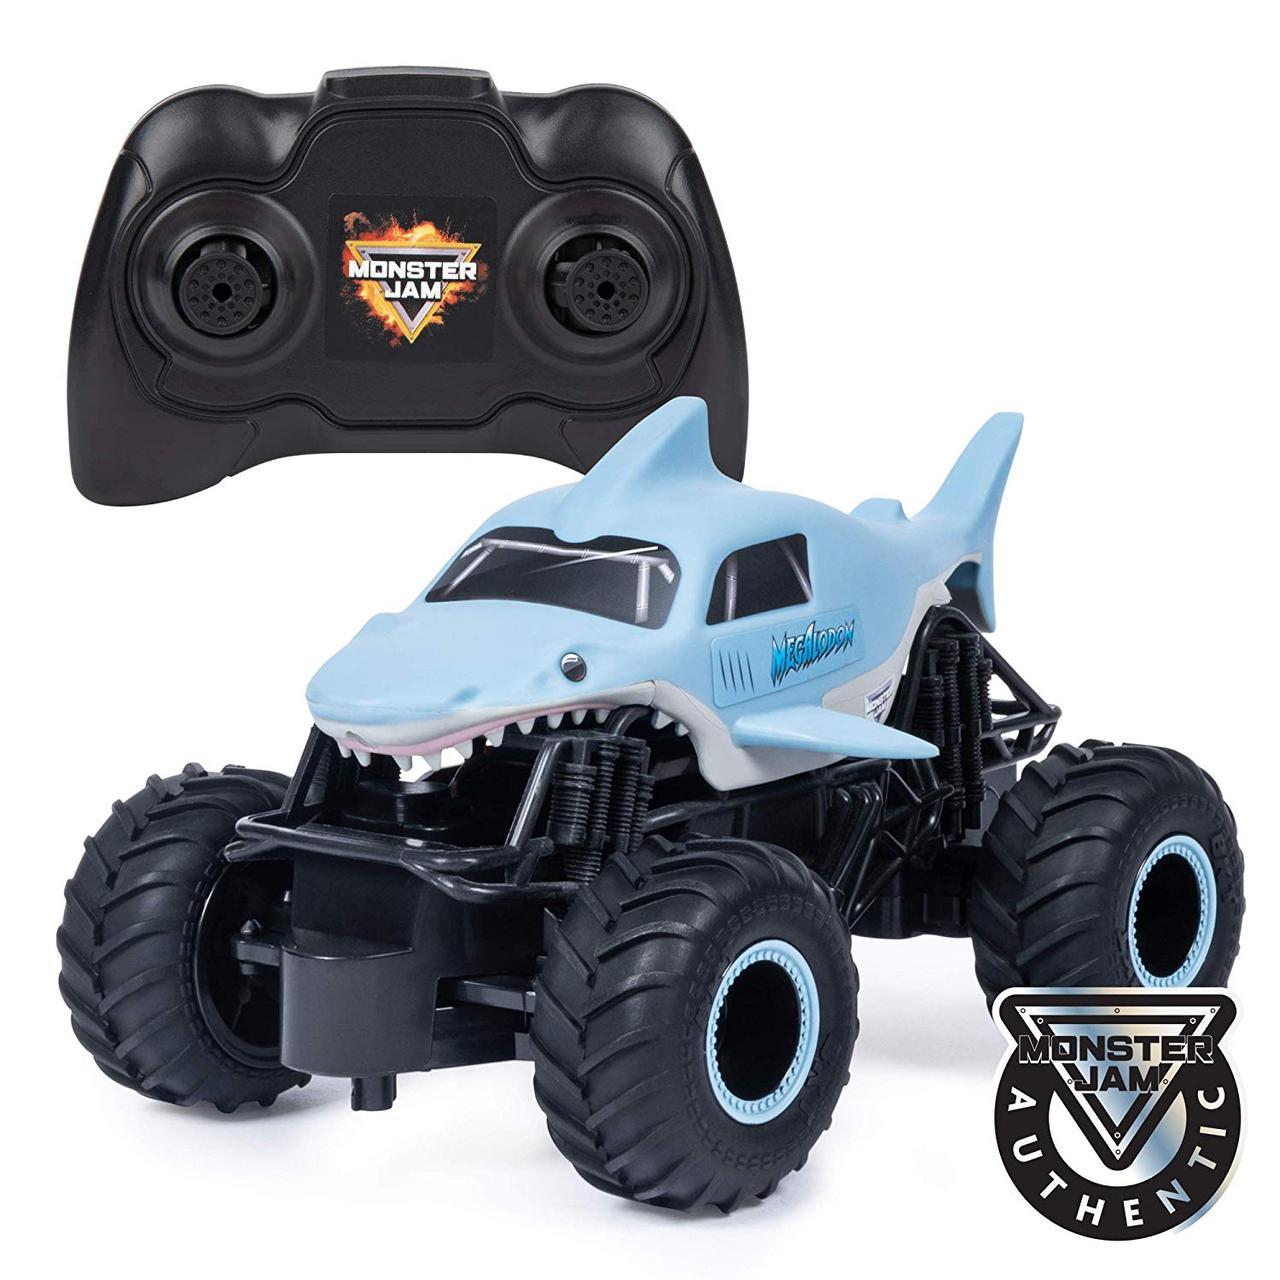 Машина на радиоуправлении джип Монстер трак 1:24 Monster Jam Official Megalodon Remote Control Monster Truck